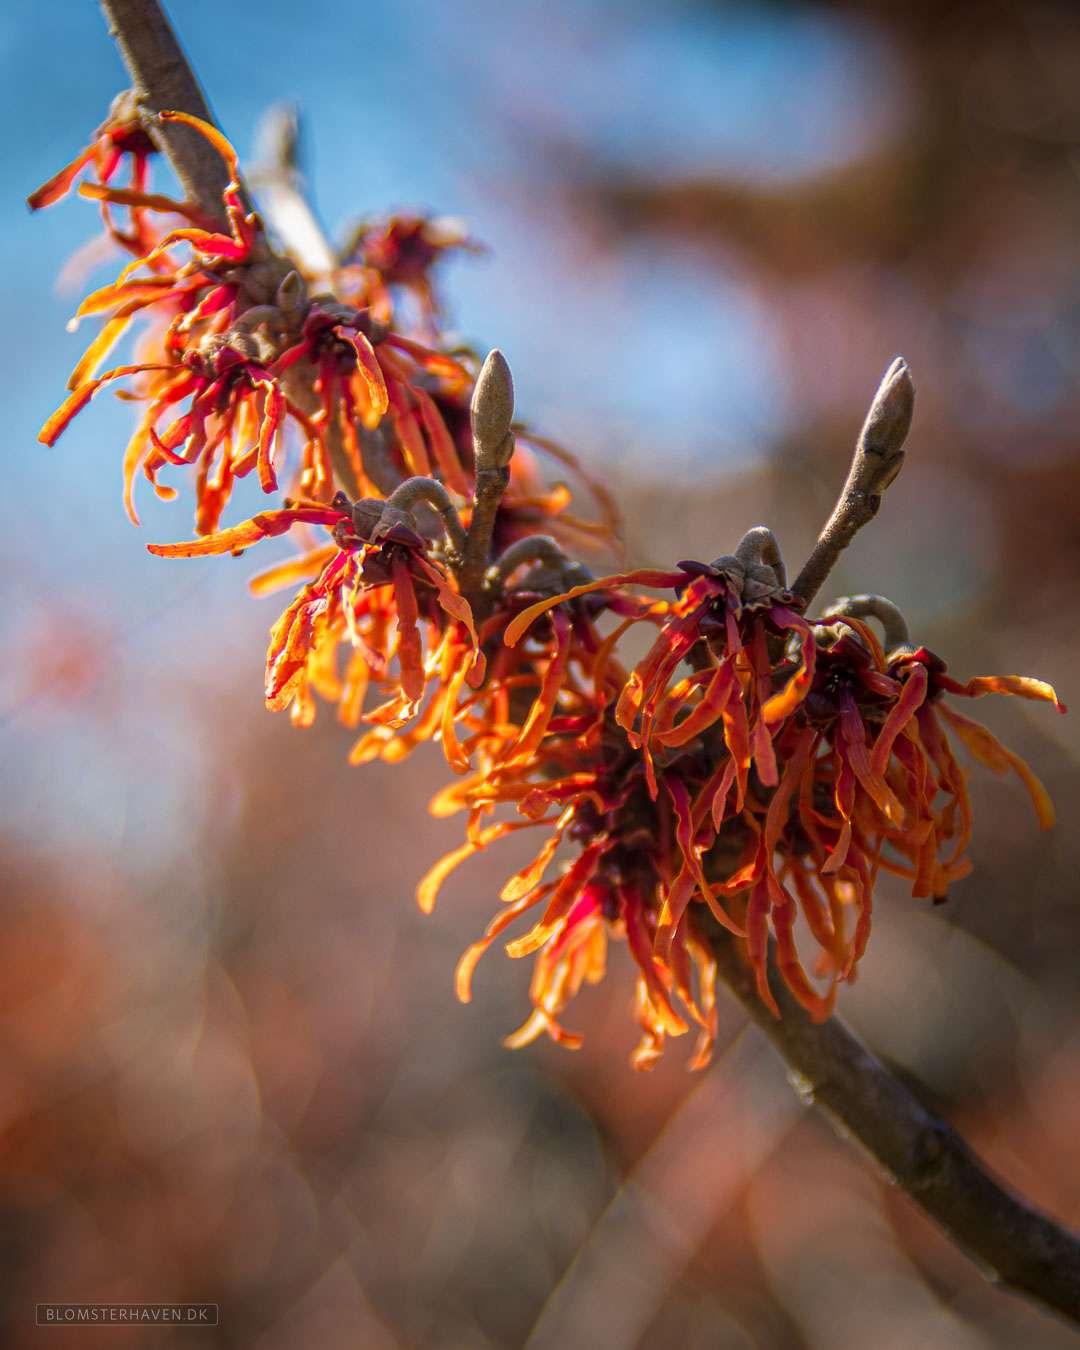 hamamelis i blomst med orange blosmter